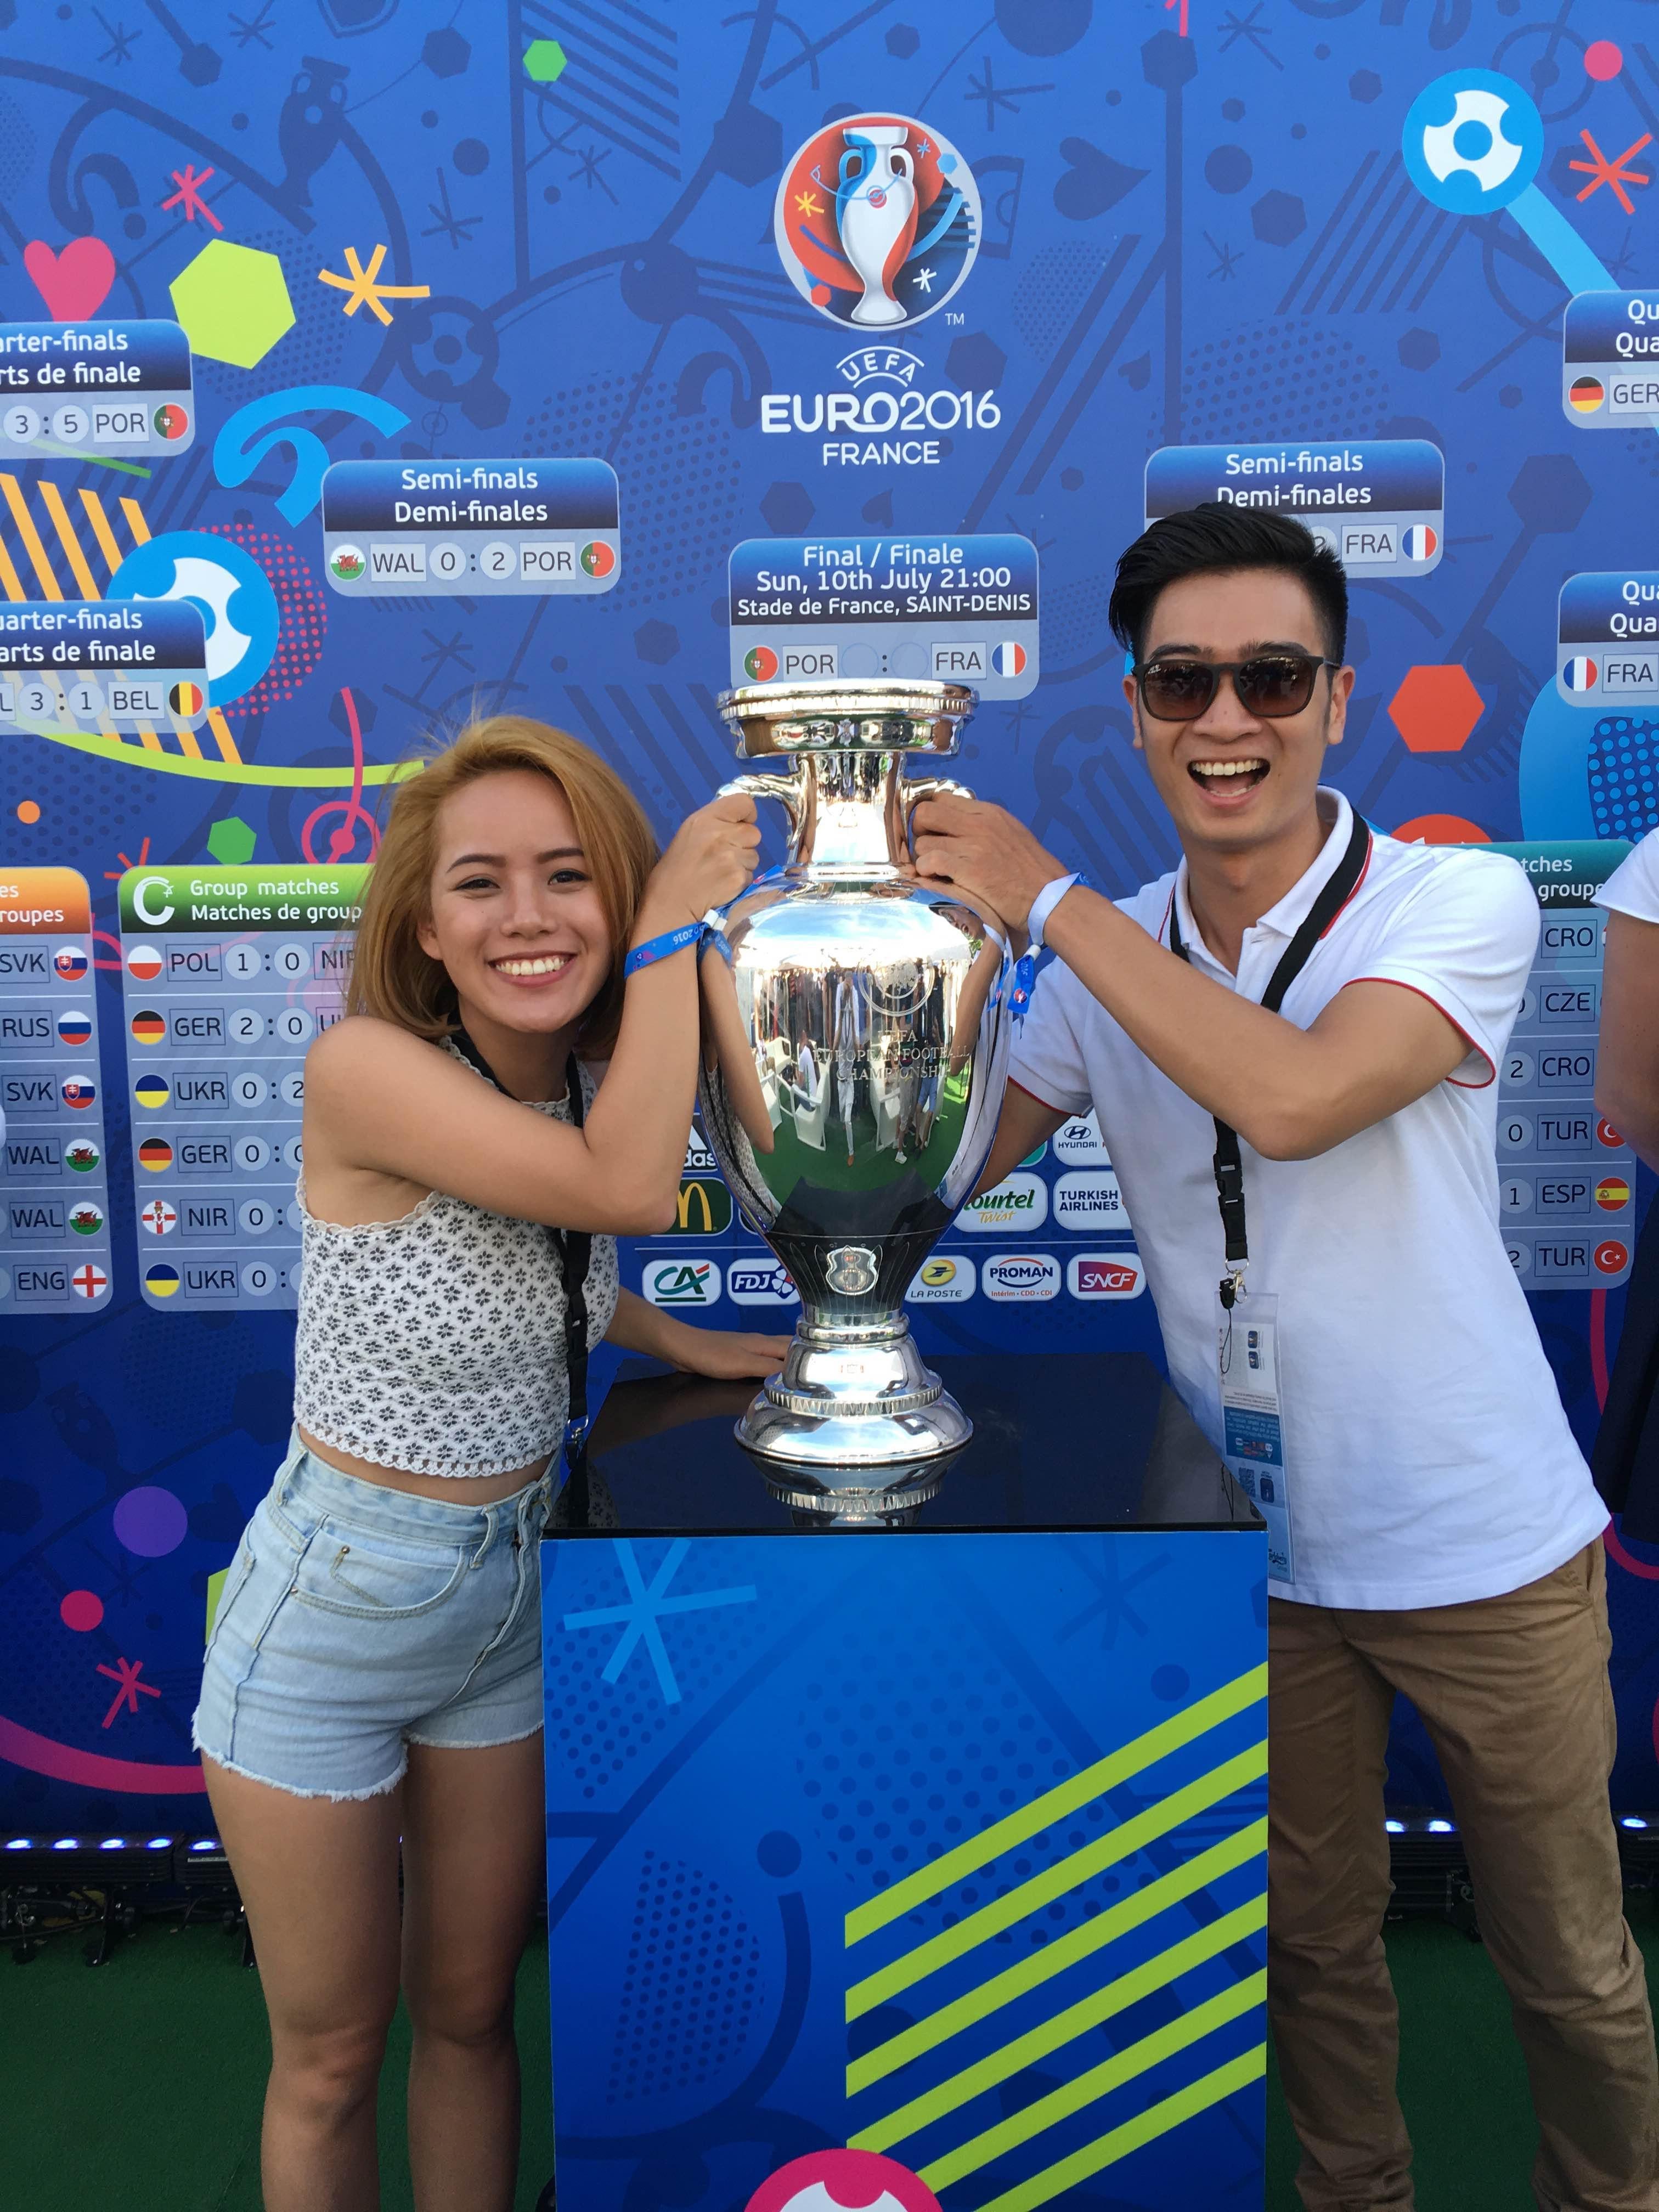 Trong lần tới Pháp này, Slim V đặc biệt đưa người yêu là nghệ sĩ sáo Flute Huyền Trang, cô gái thổi sáo từng gây sốt tại Vietnam's Got Talent 2013 đi cùng.